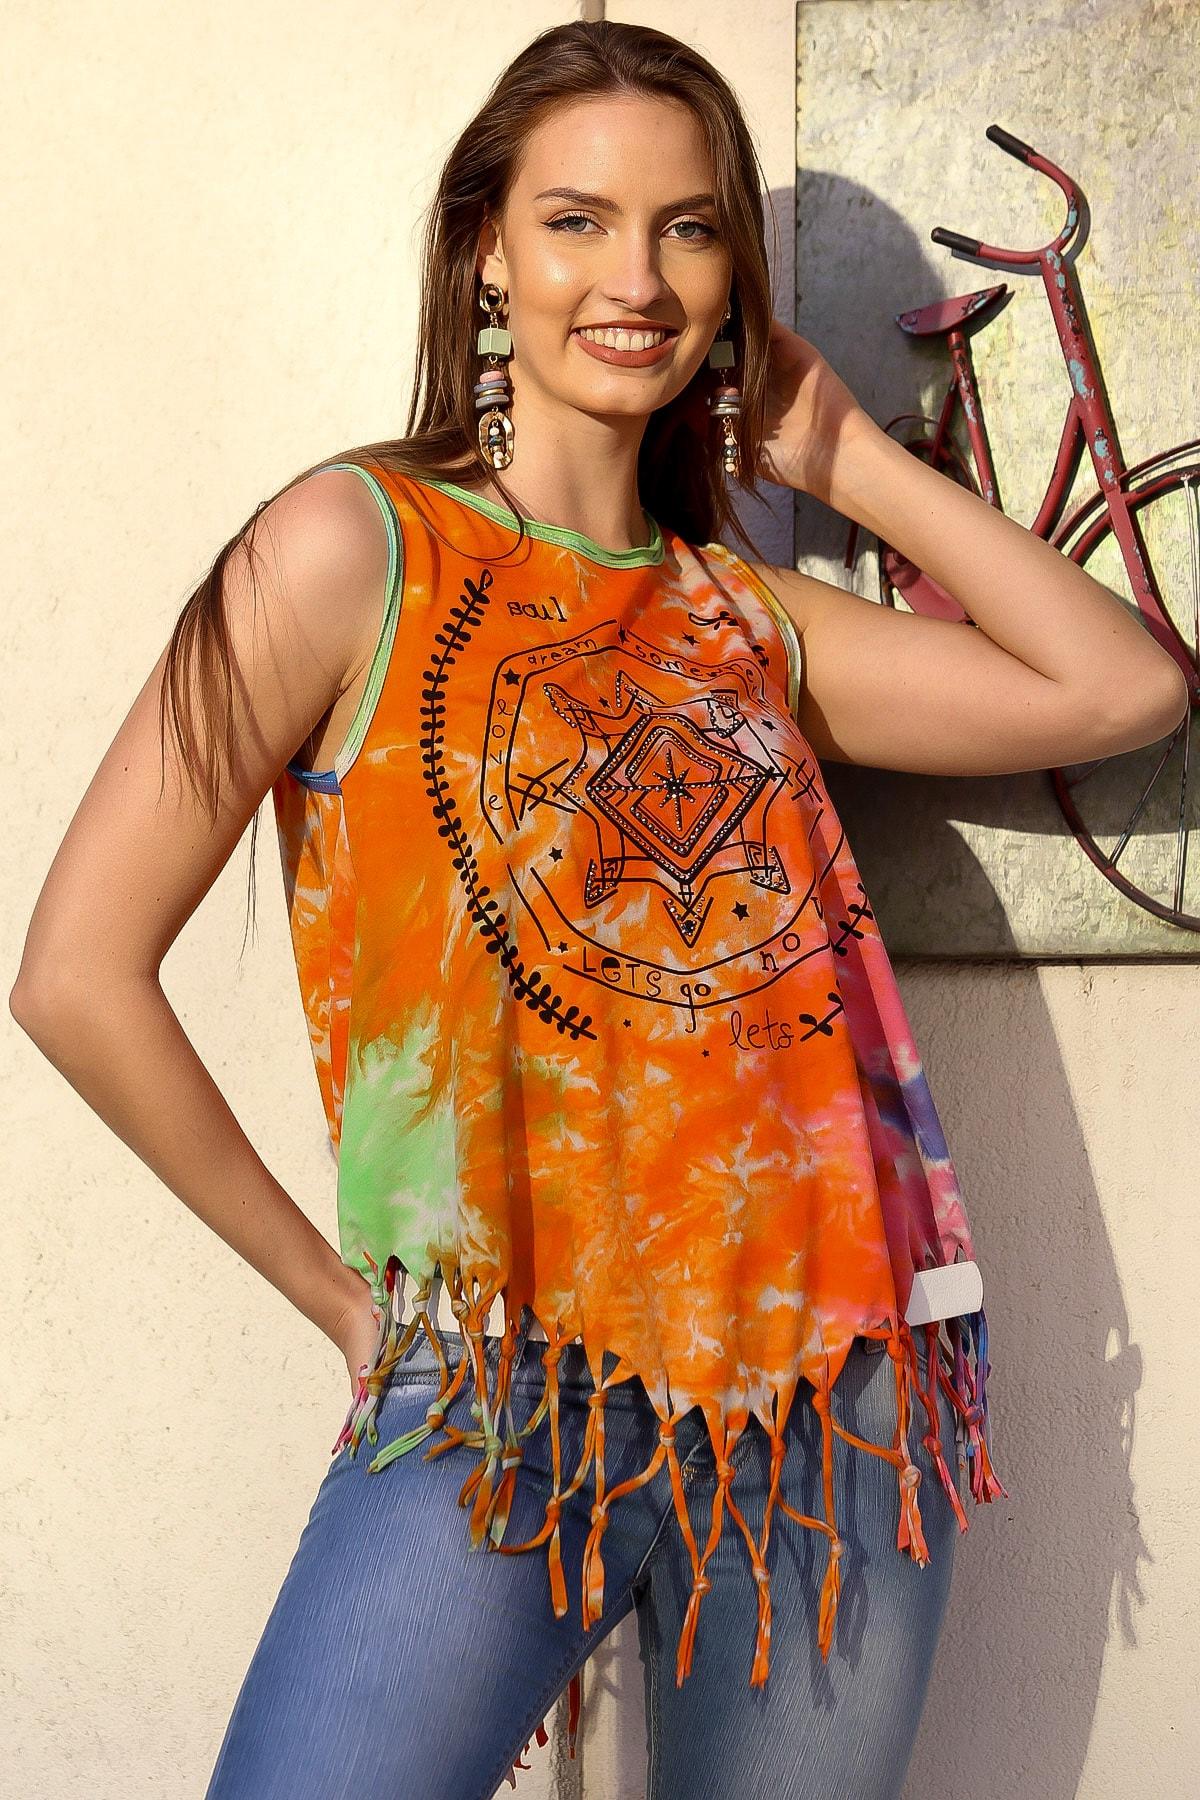 Chiccy Kadın Turuncu Batik Bohem Baskılı Etek Ucu Saçaklı Yıkamalı Kolsuz T-Shirt M10010300TS98228